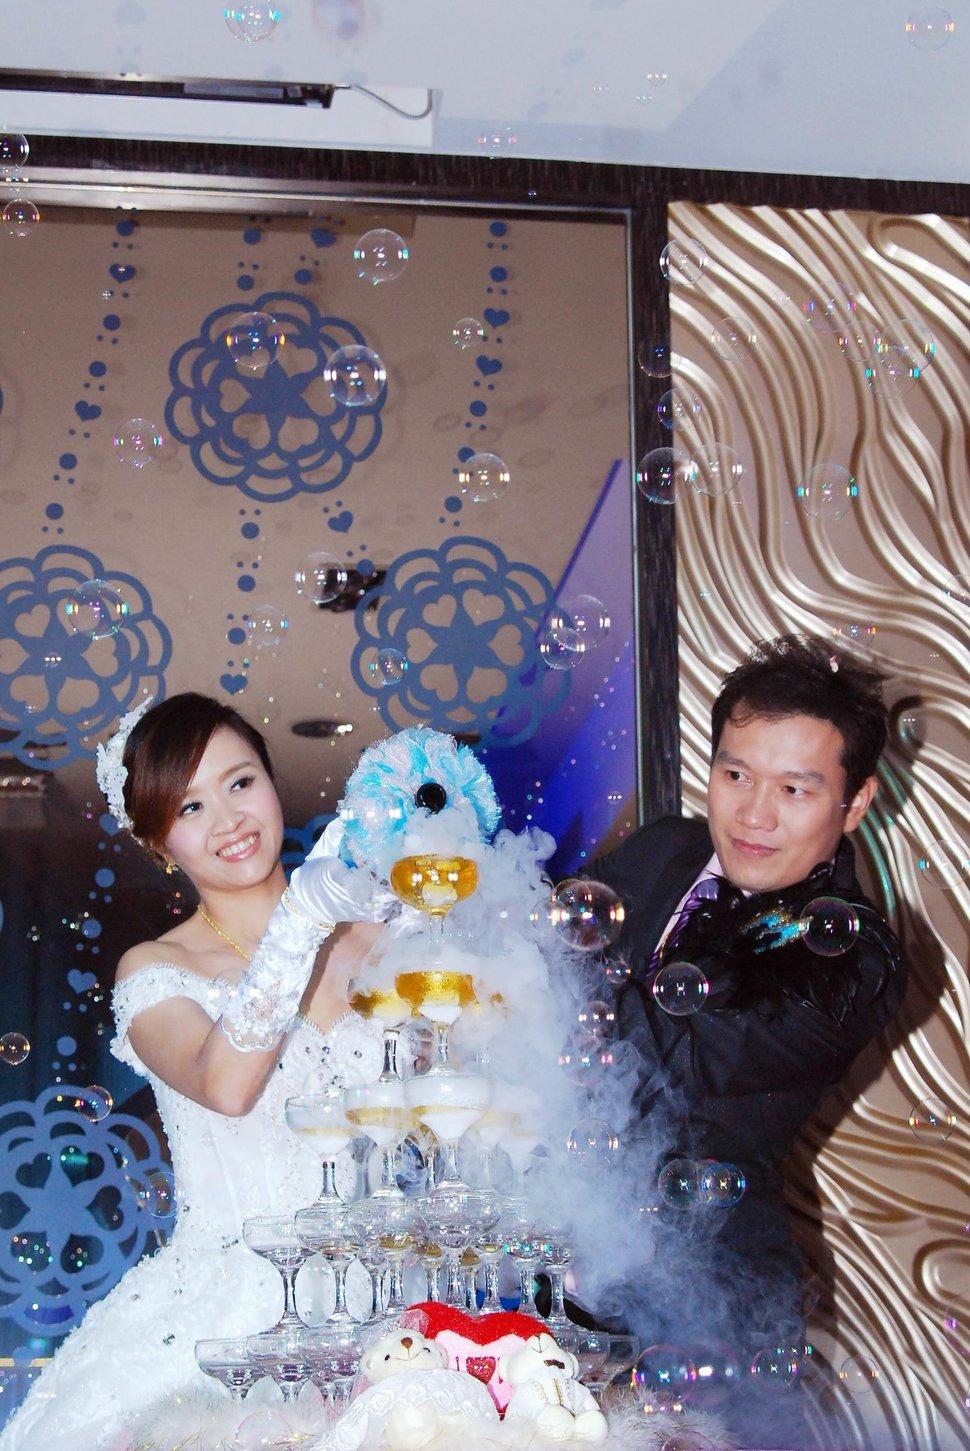 永和易牙居婚宴廣場宴會廳婚婚禮記錄結婚迎娶婚禮記錄動態微電影錄影專業錄影平面攝影婚攝婚禮(編號:213195) - 蜜月拍照10800錄影12800攝影團隊 - 結婚吧